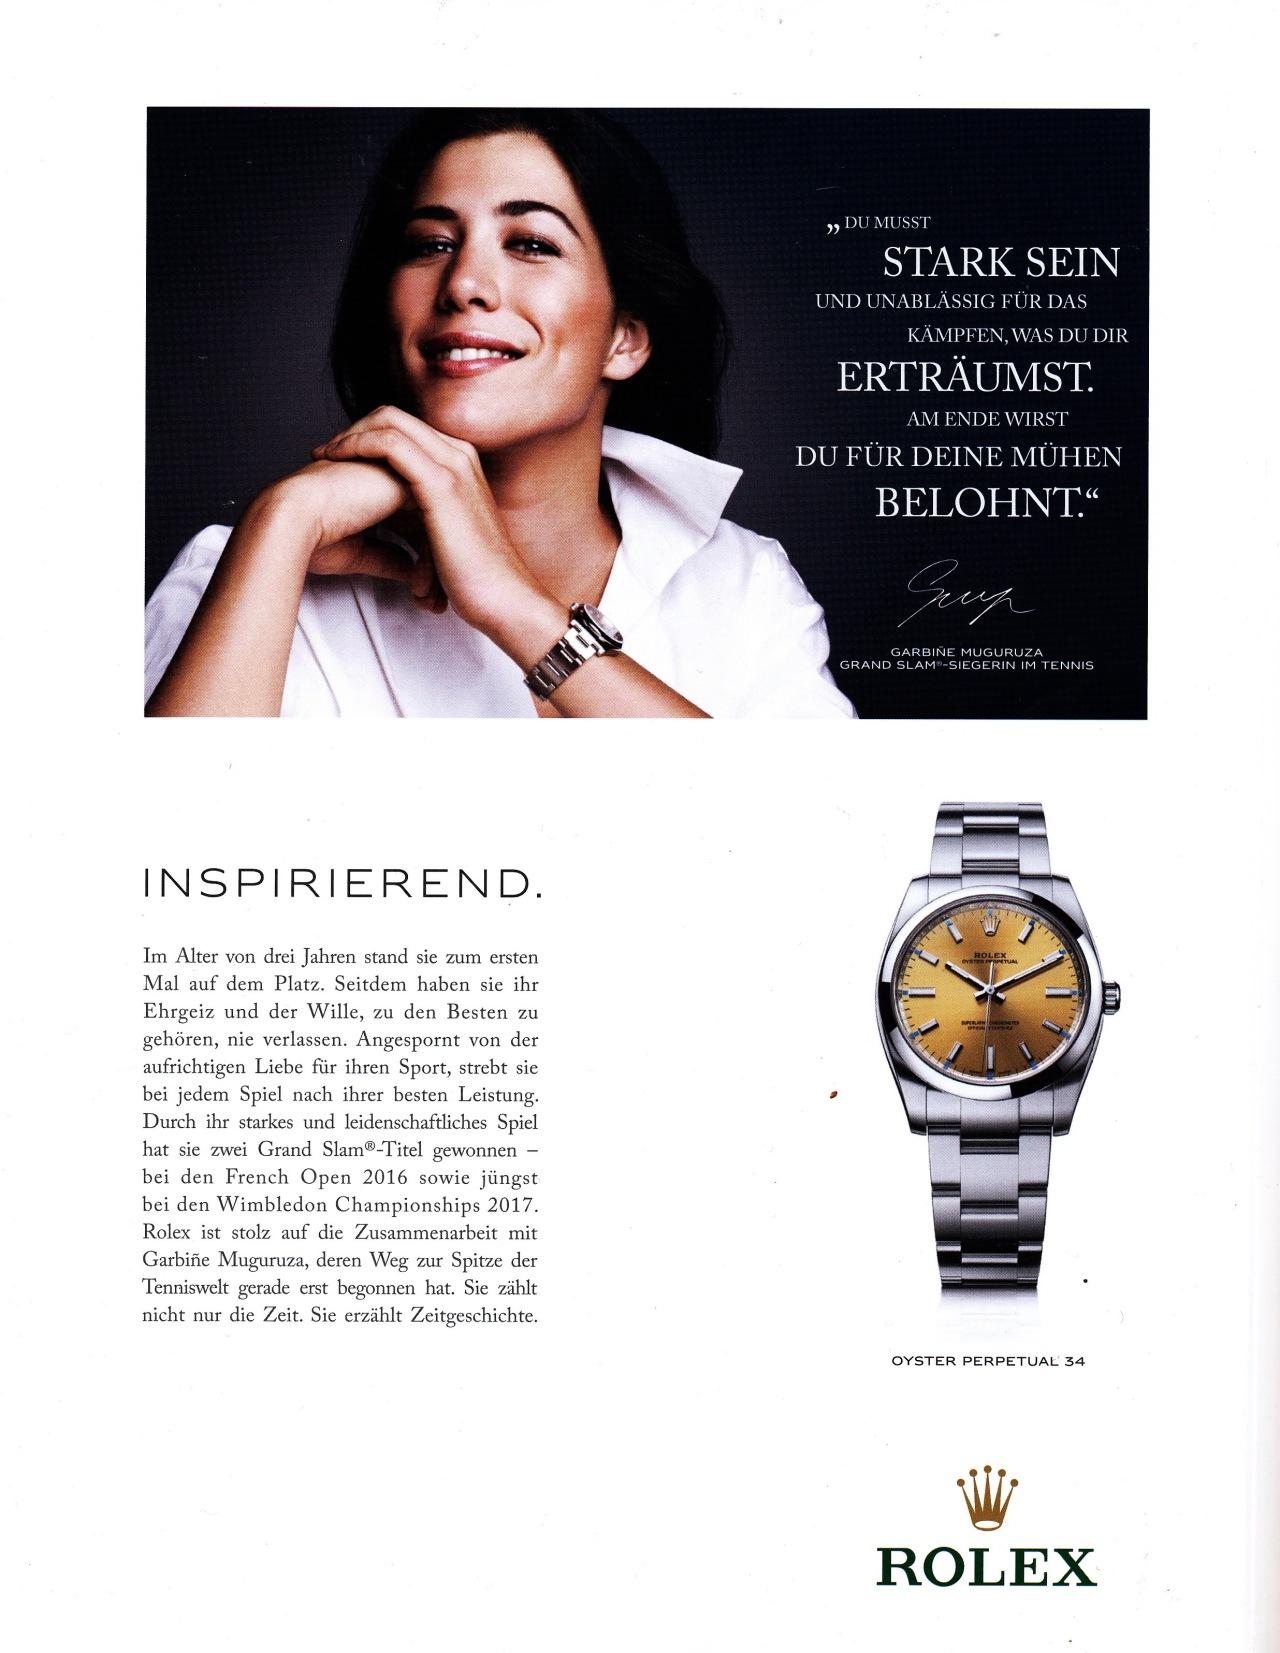 Rolex Ad Sept 2017 (1)